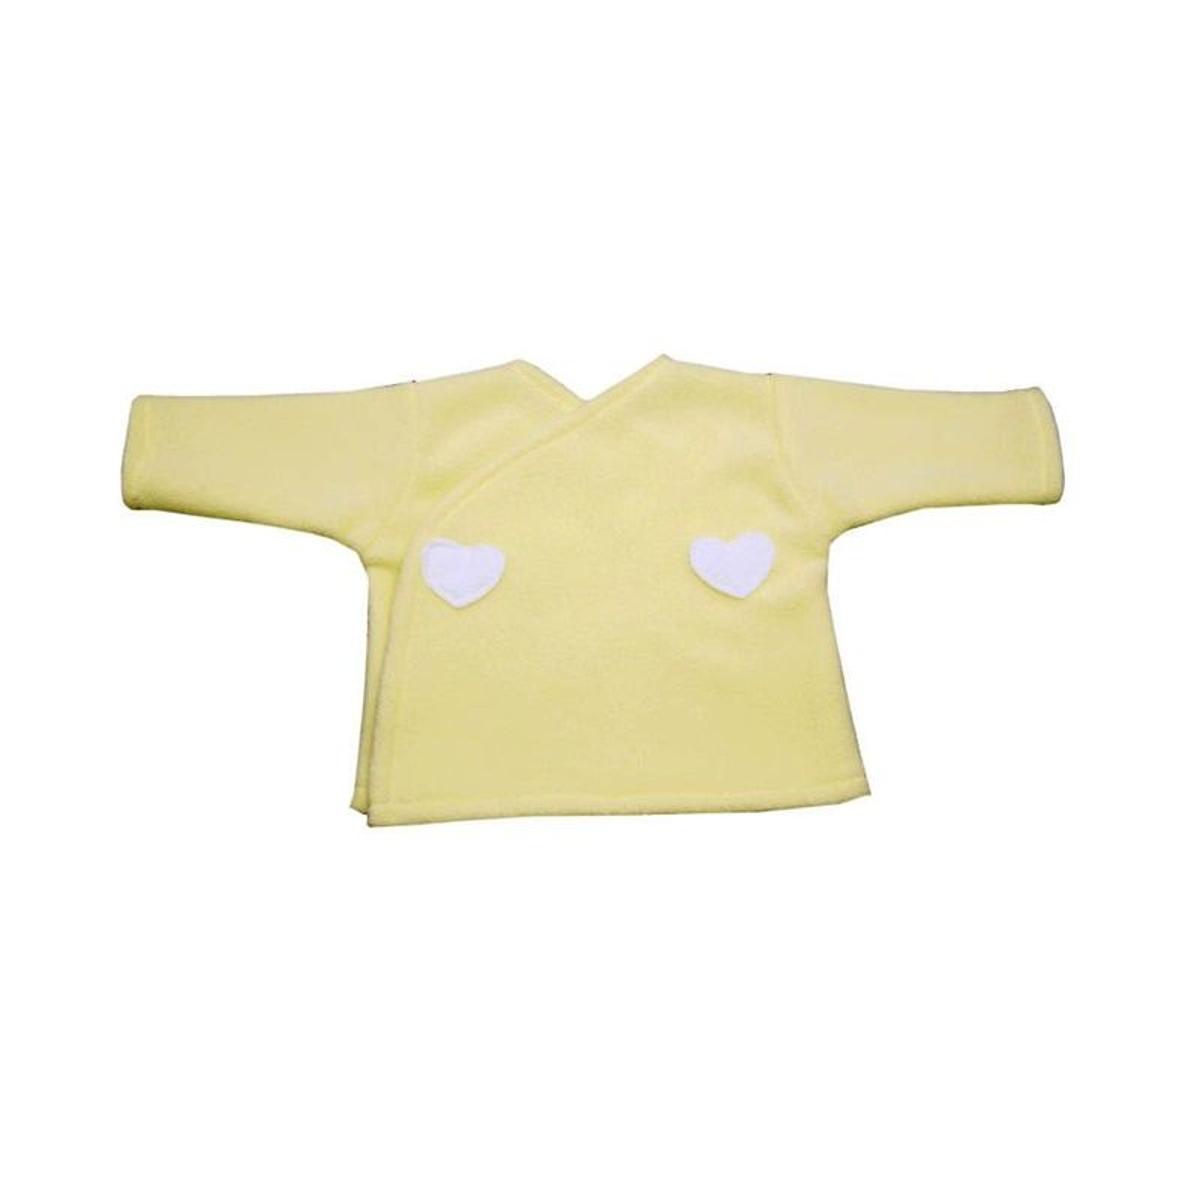 Brassière bébé jaune, polaire